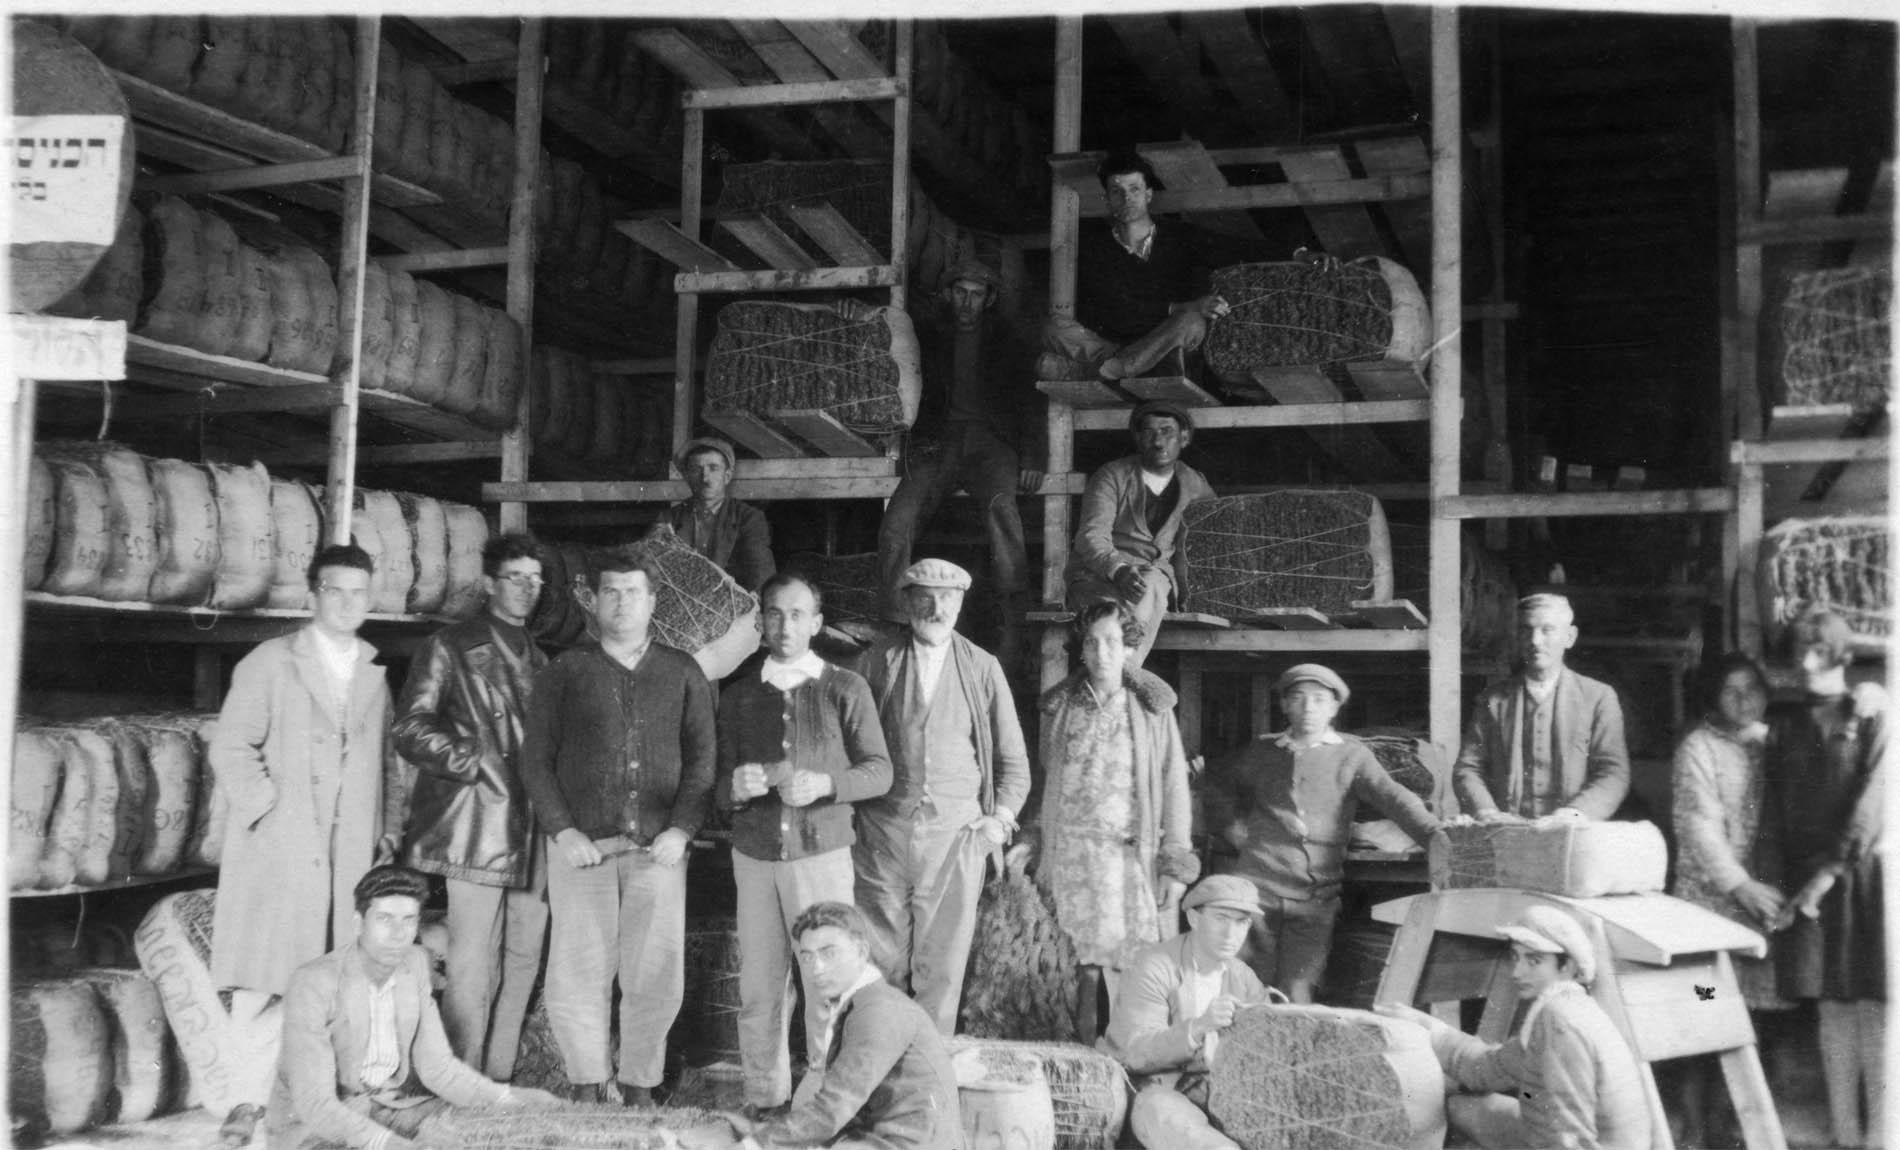 מפעל לייצור טבק